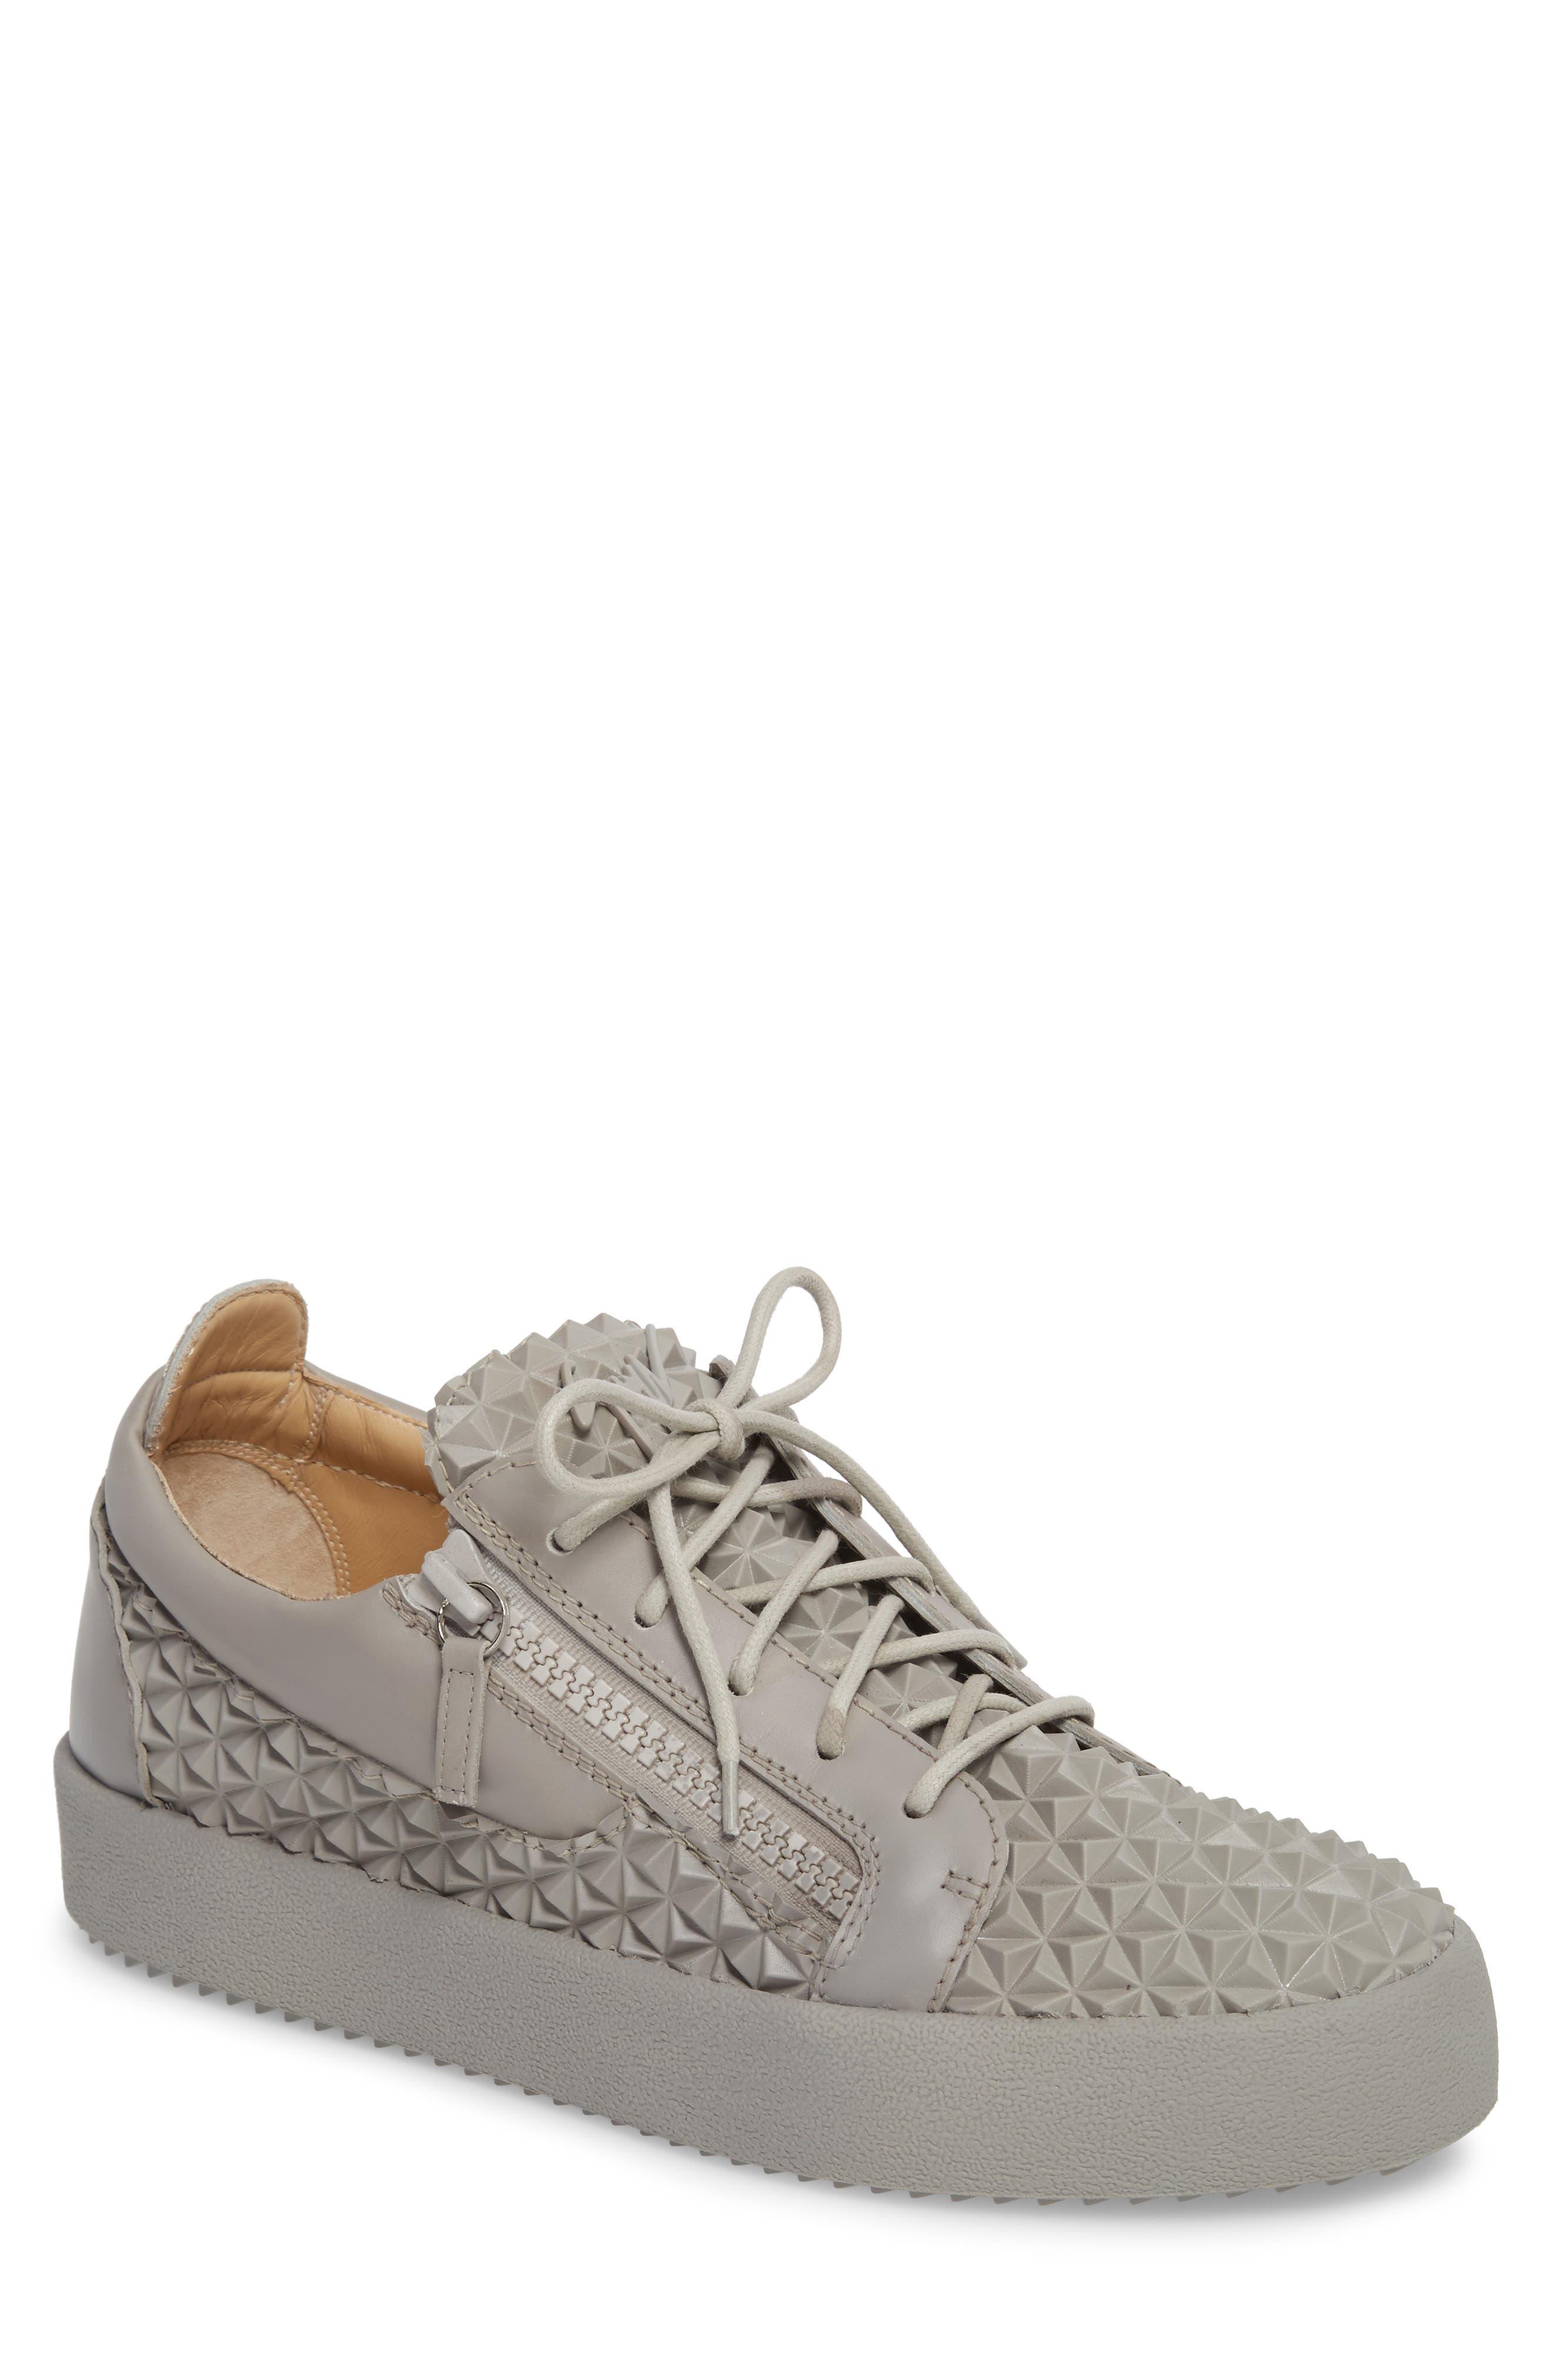 Low Top Sneaker,                             Main thumbnail 1, color,                             006